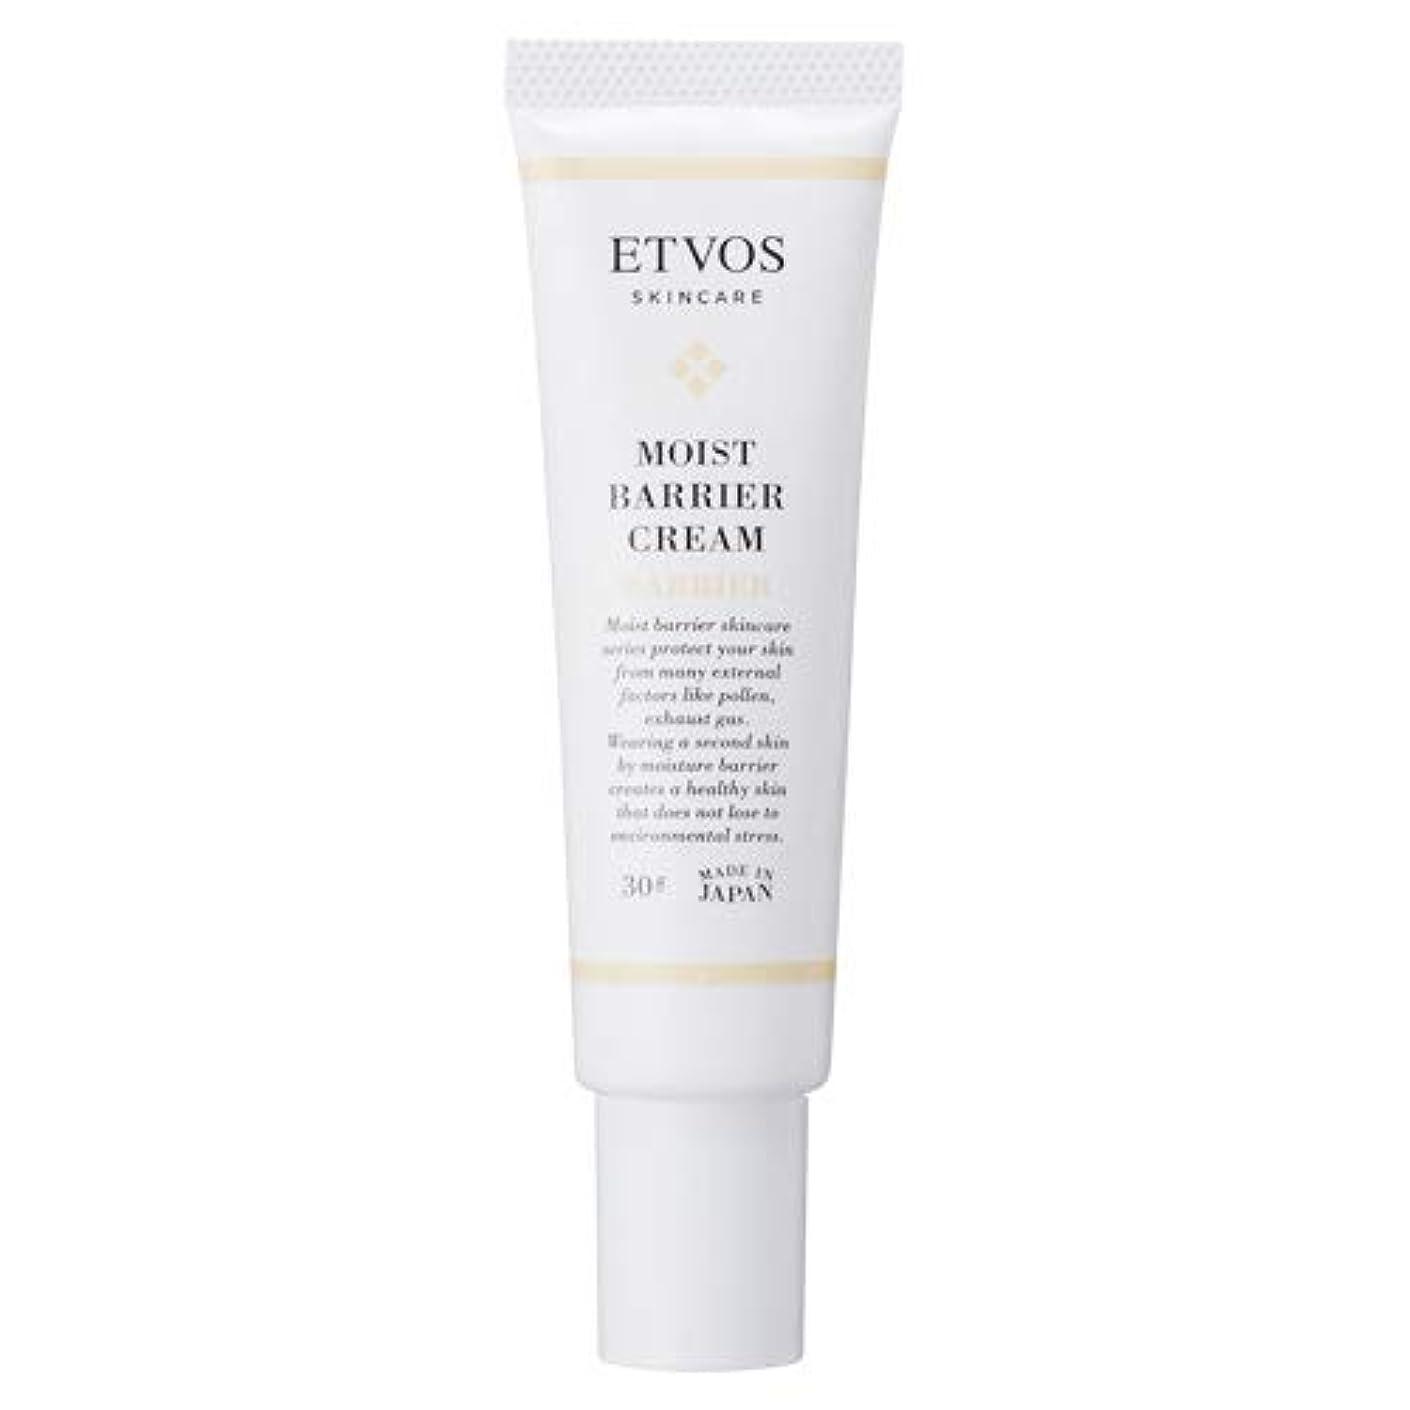 豆腐判定違反ETVOS(エトヴォス) 皮膚保護クリーム モイストバリアクリーム 30g 肌荒れ/敏感肌 花粉/PM2.5/ハウスダスト